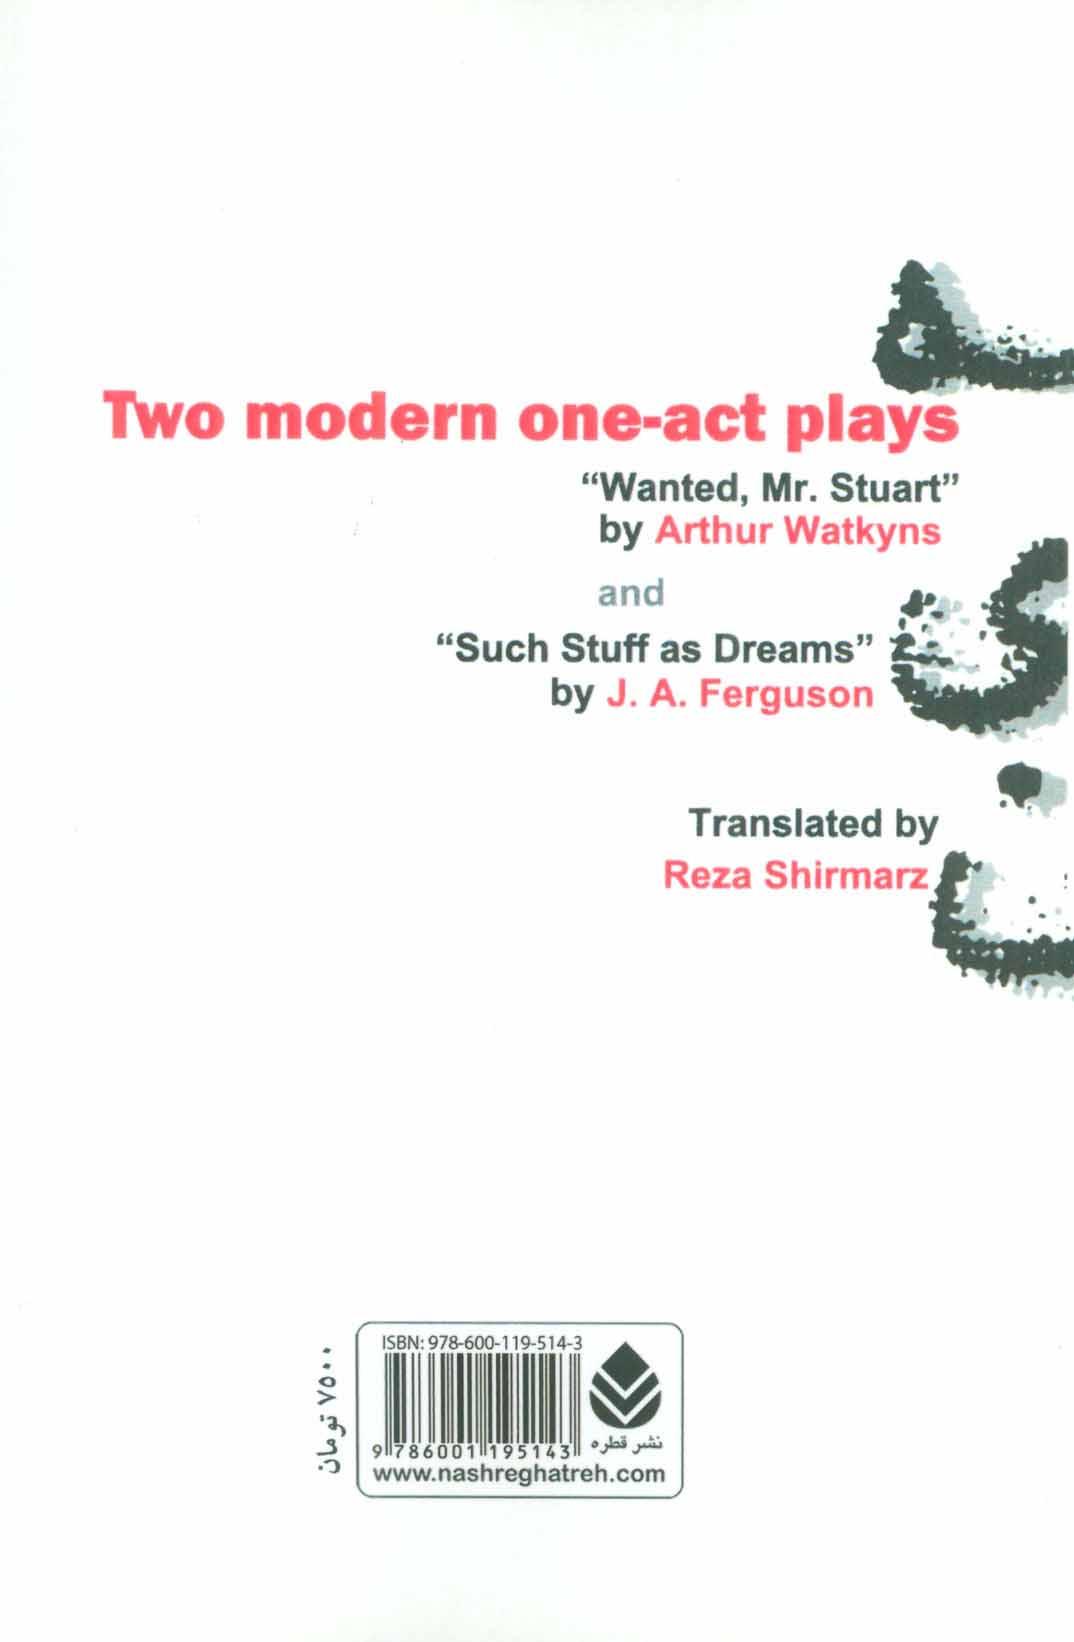 دو نمایشنامه تک پرده ای مدرن (پیگرد شاهزاده استوارت و از جنس رویا)،(نمایش نامه)